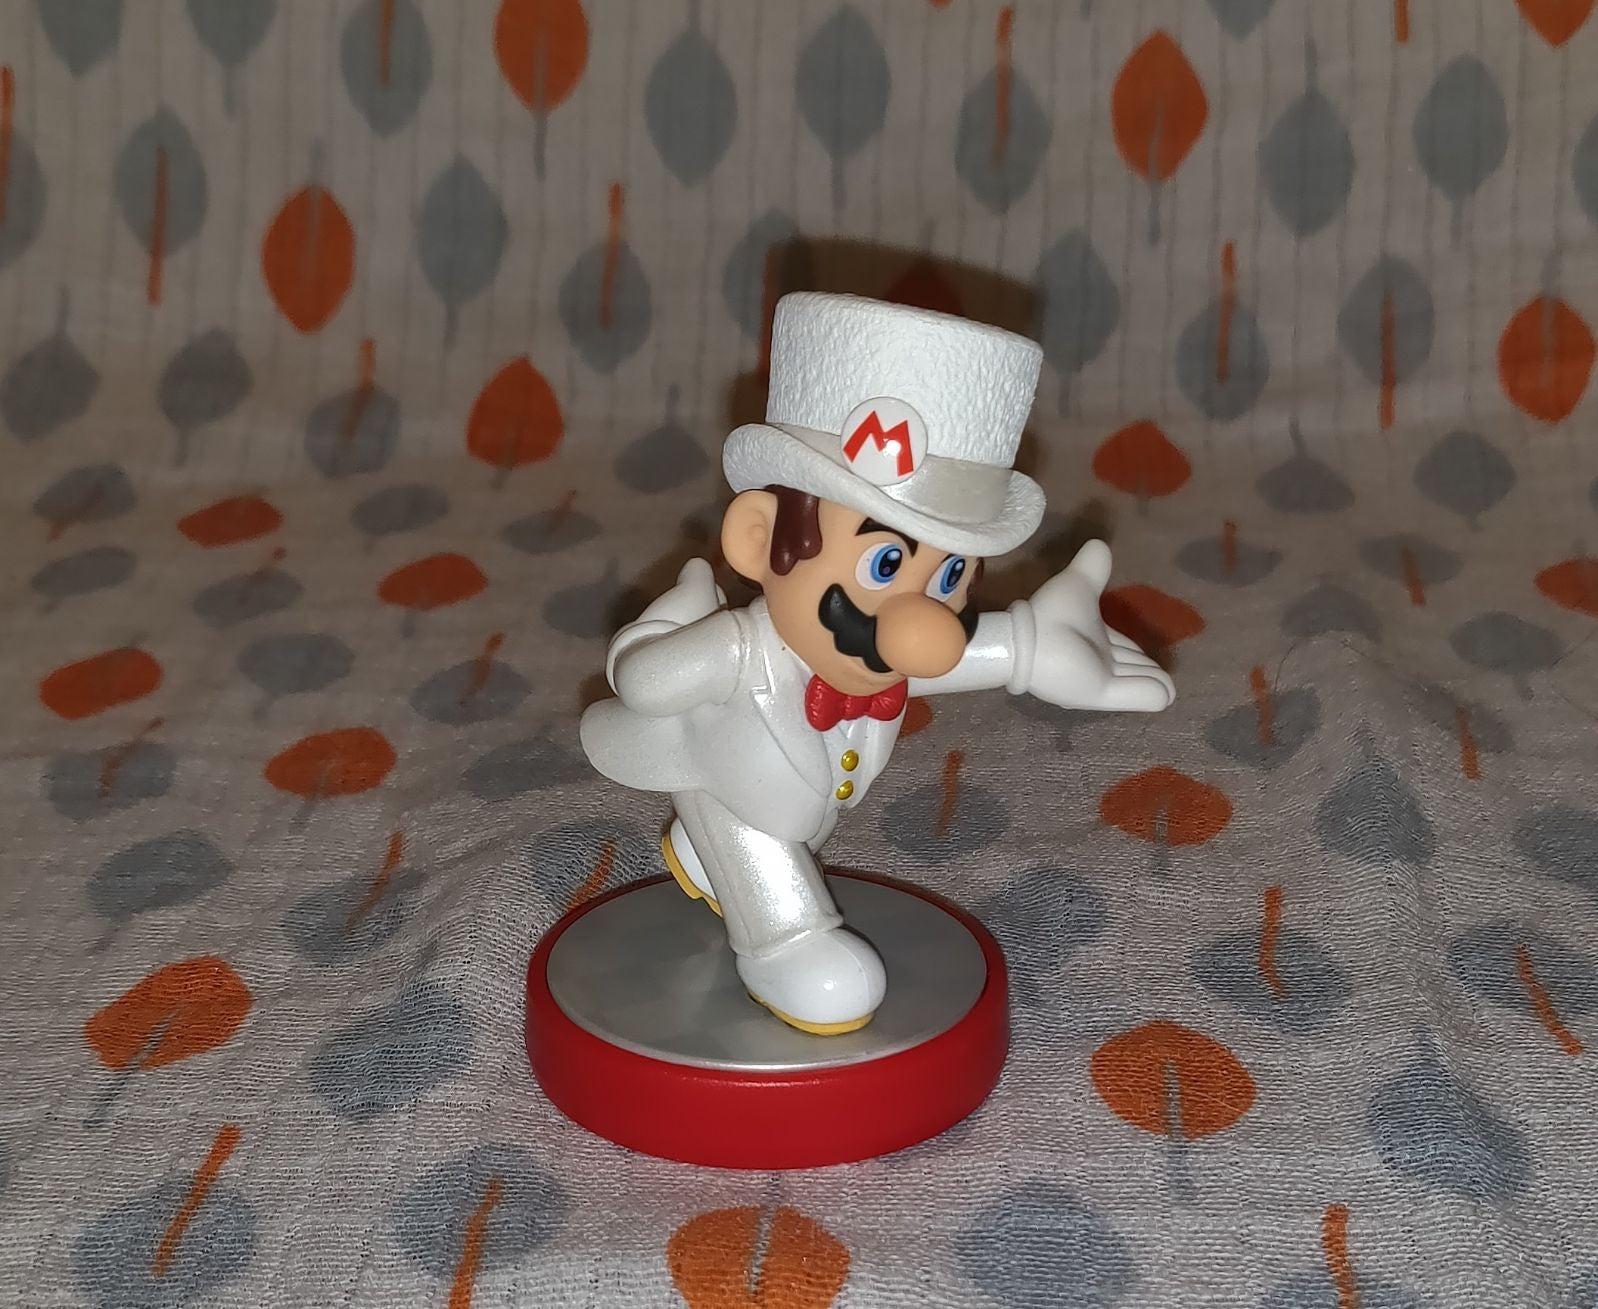 Super Mario Wedding Mario Amiibo